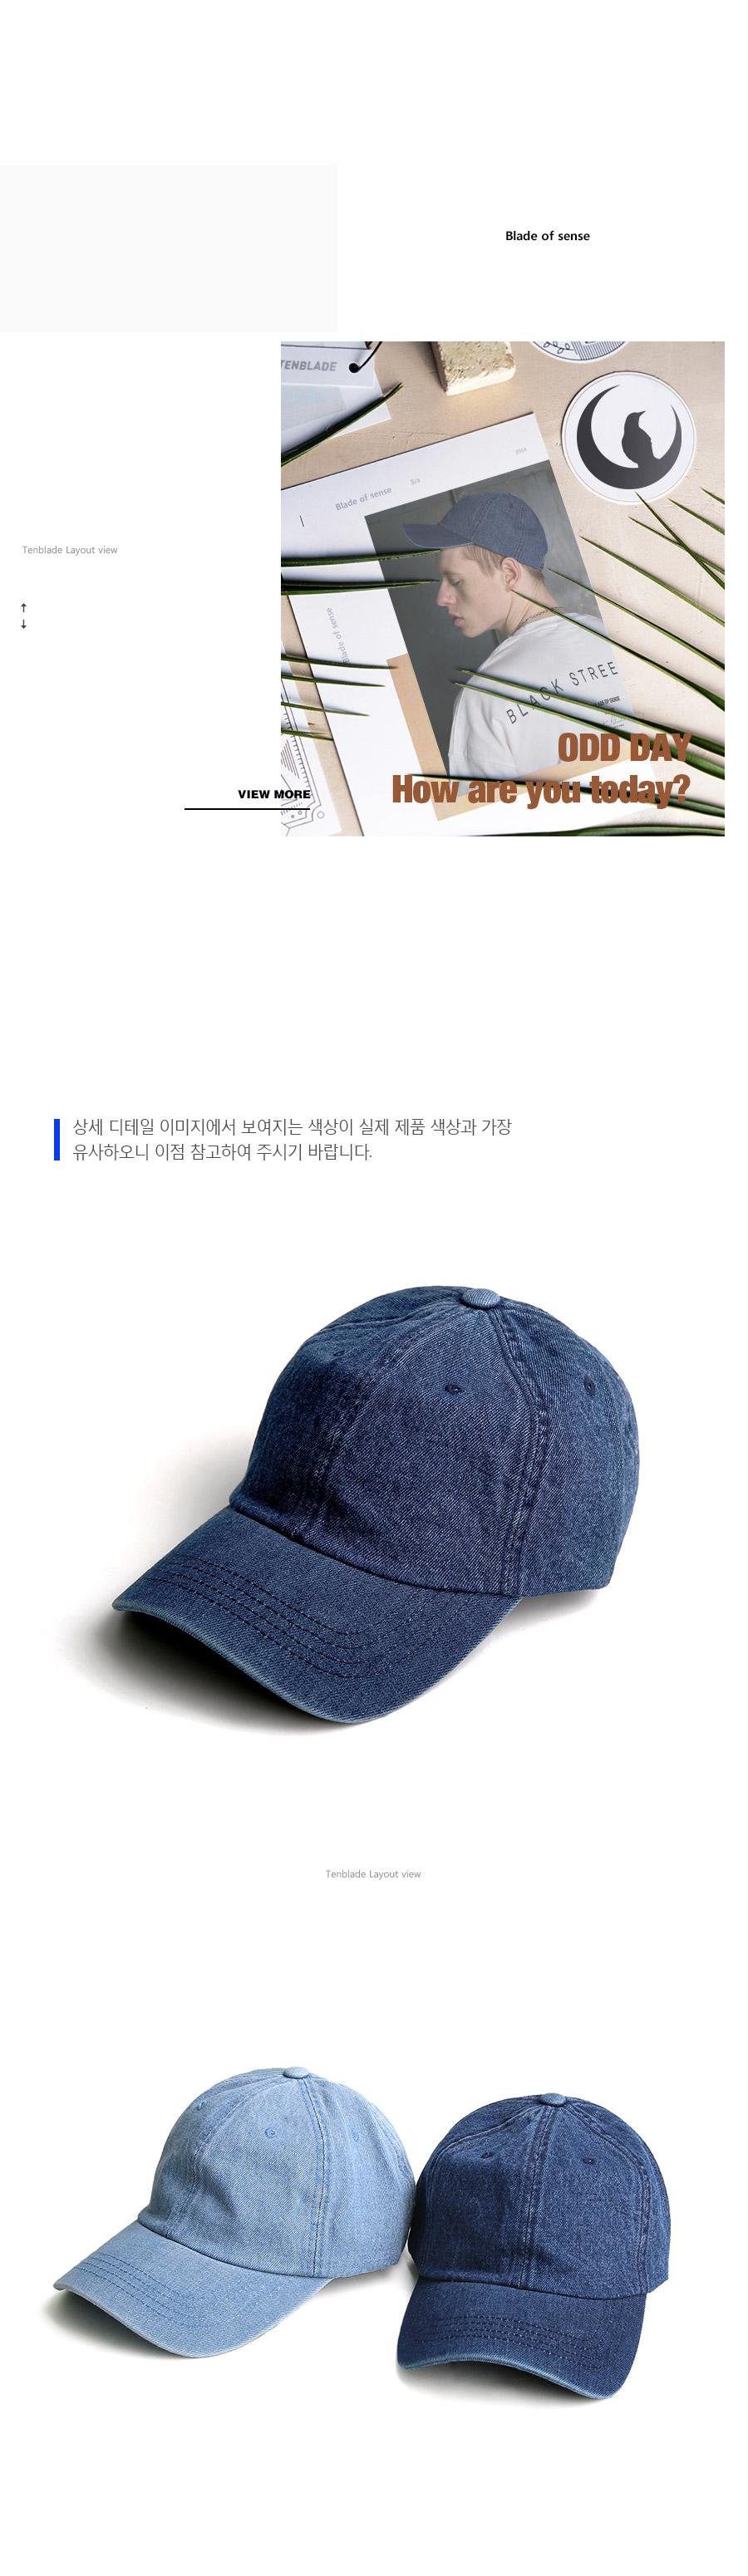 tah001cp-blue_05.jpg